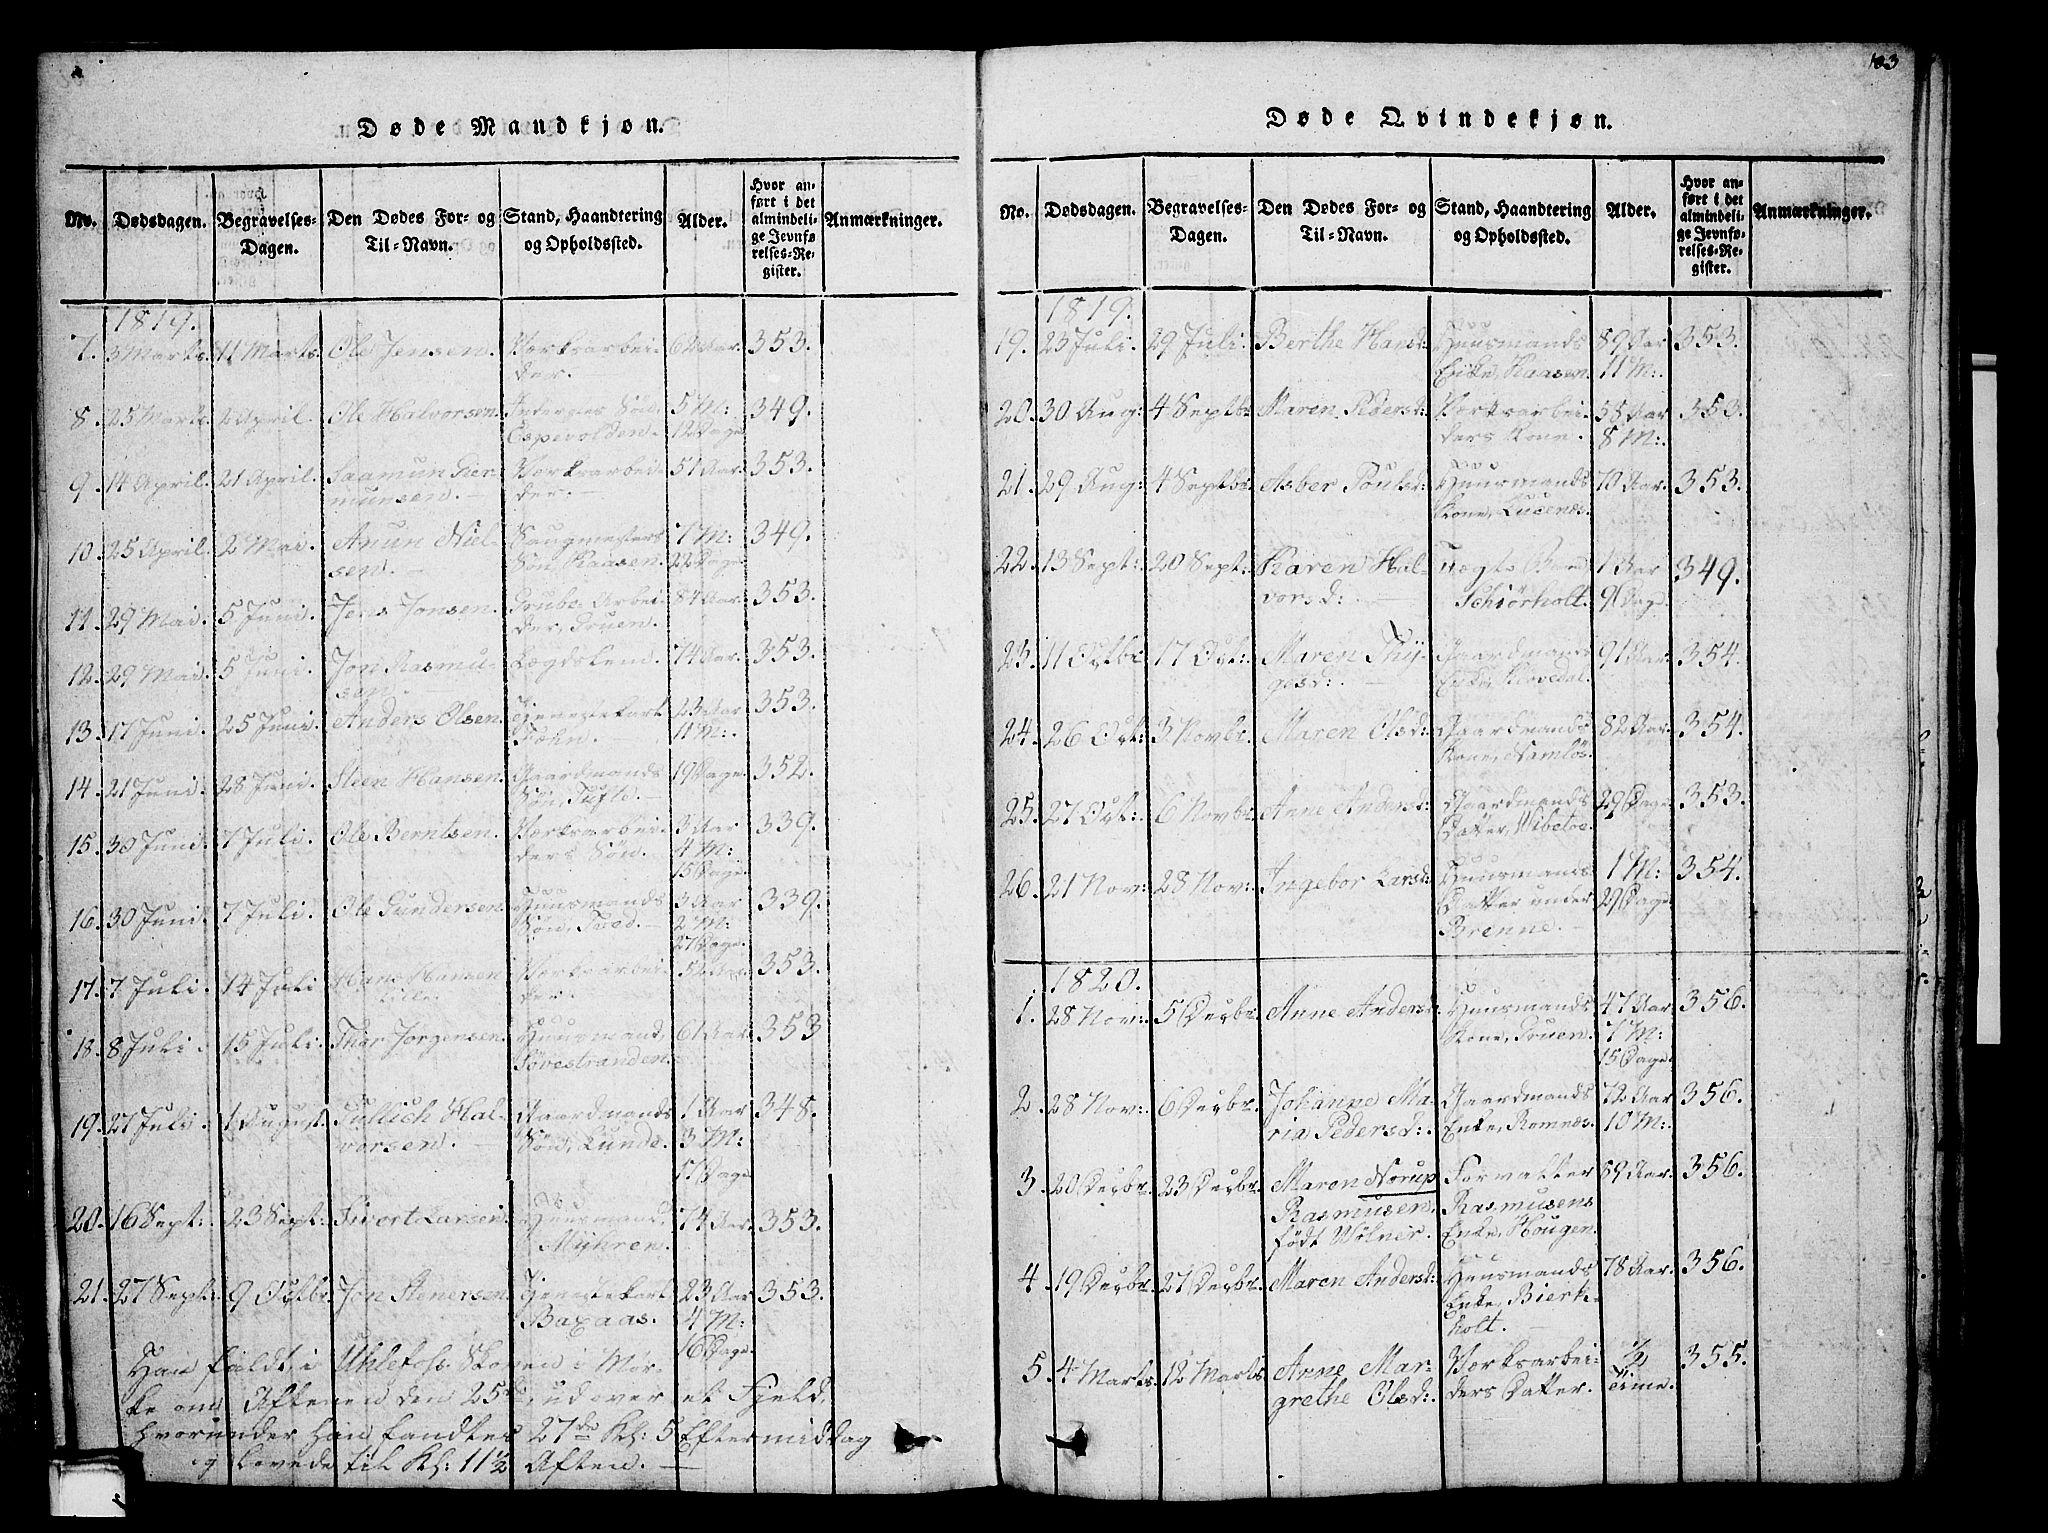 SAKO, Holla kirkebøker, G/Ga/L0001: Klokkerbok nr. I 1, 1814-1830, s. 103